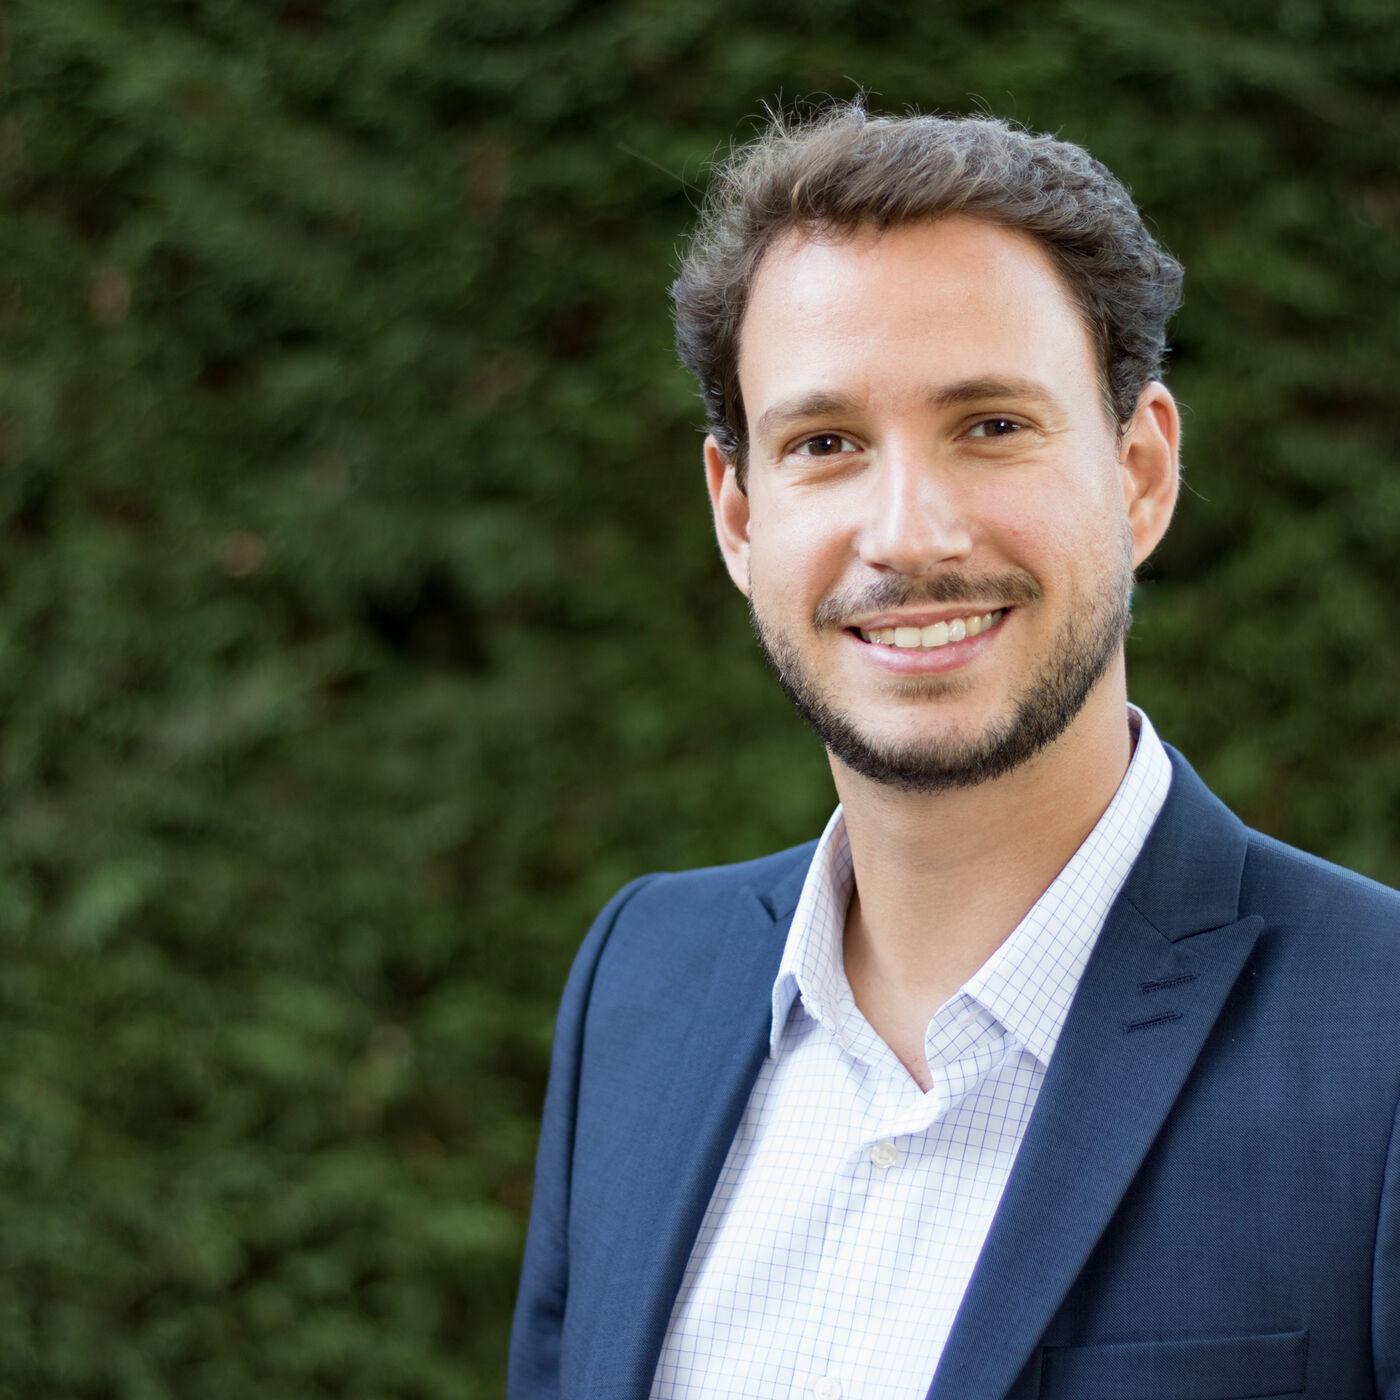 Entretien avec Paul Chiambaretto, directeur de la chaire Pégase et professeur à Montpellier Business School